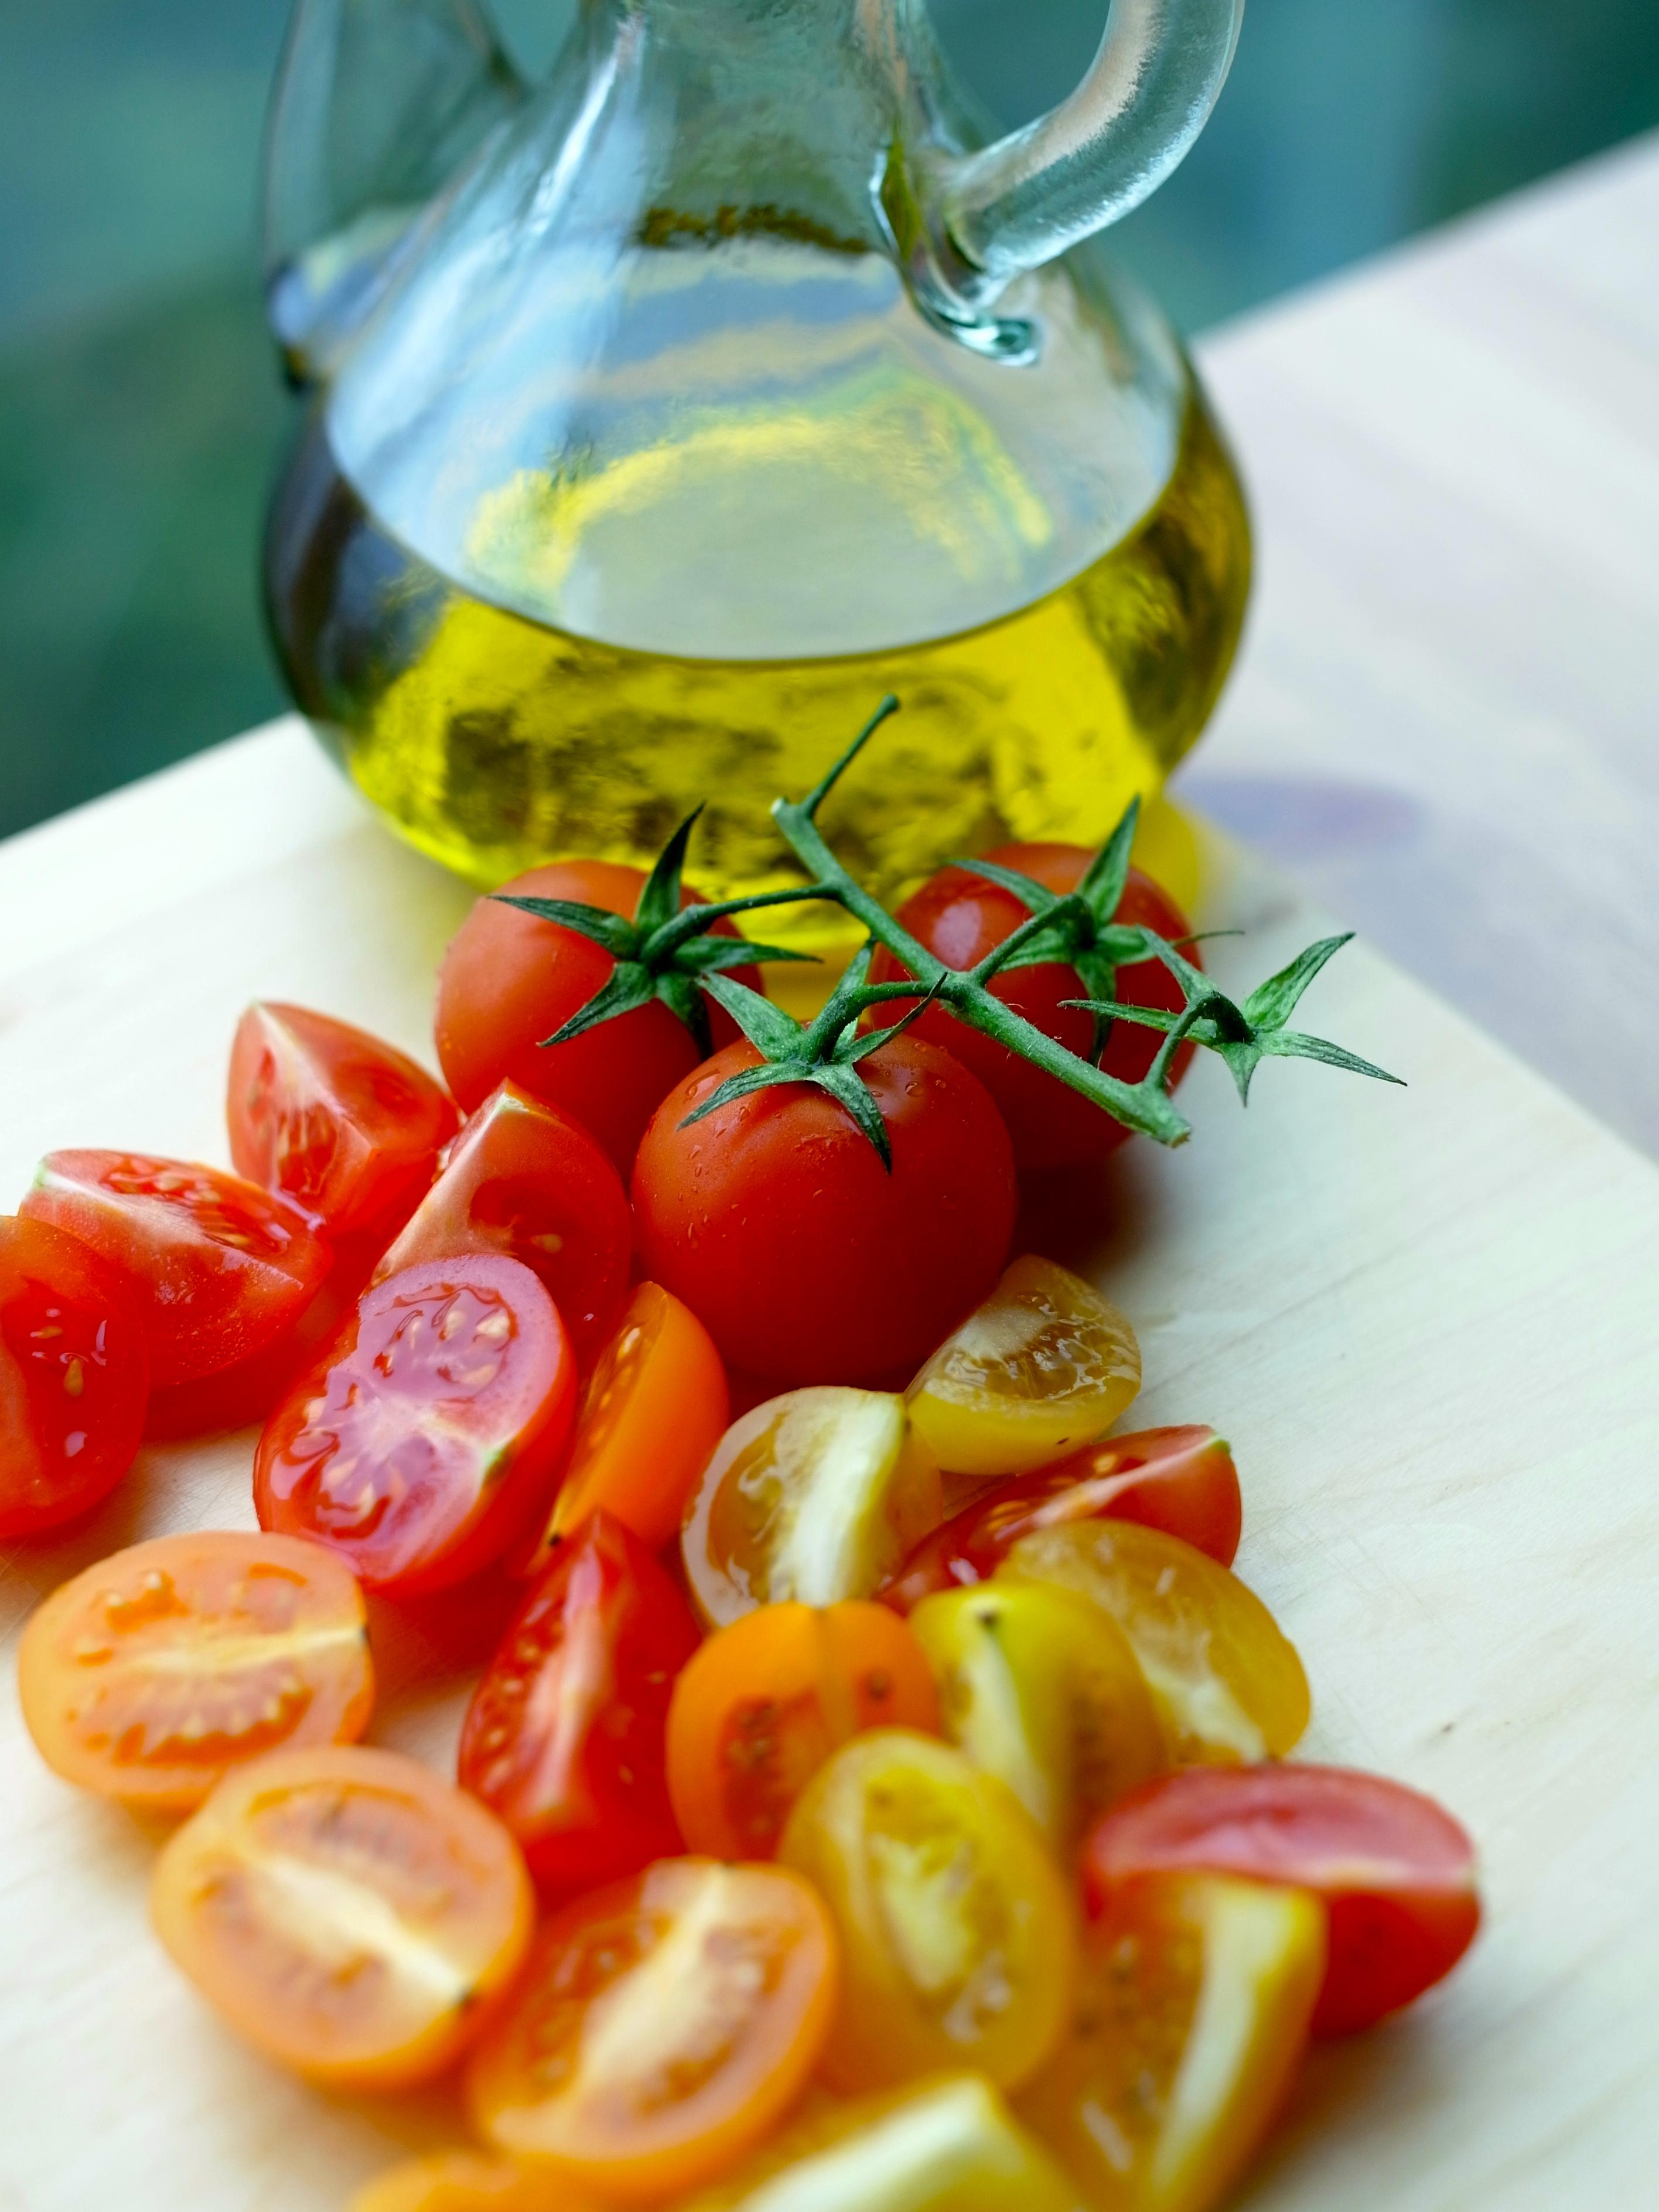 Tomato Candies